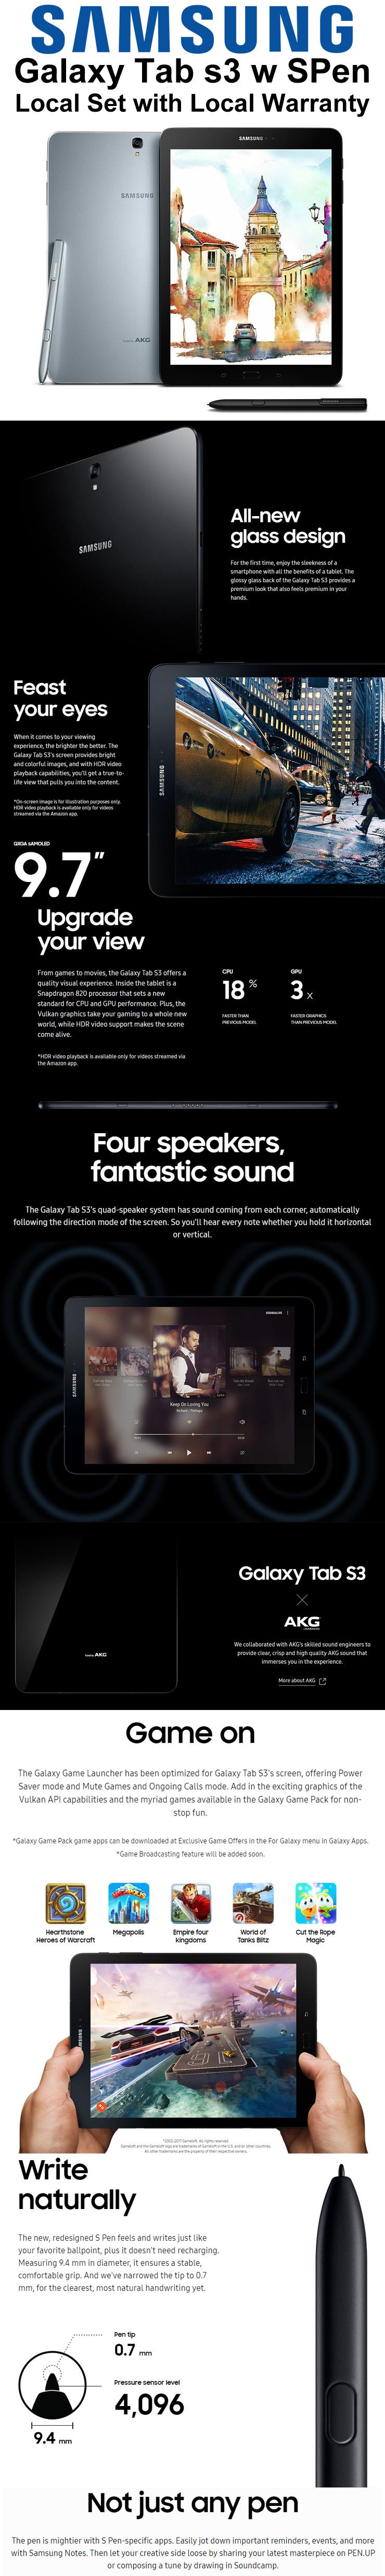 Samsung Galaxy Tab S3 9.7 Price